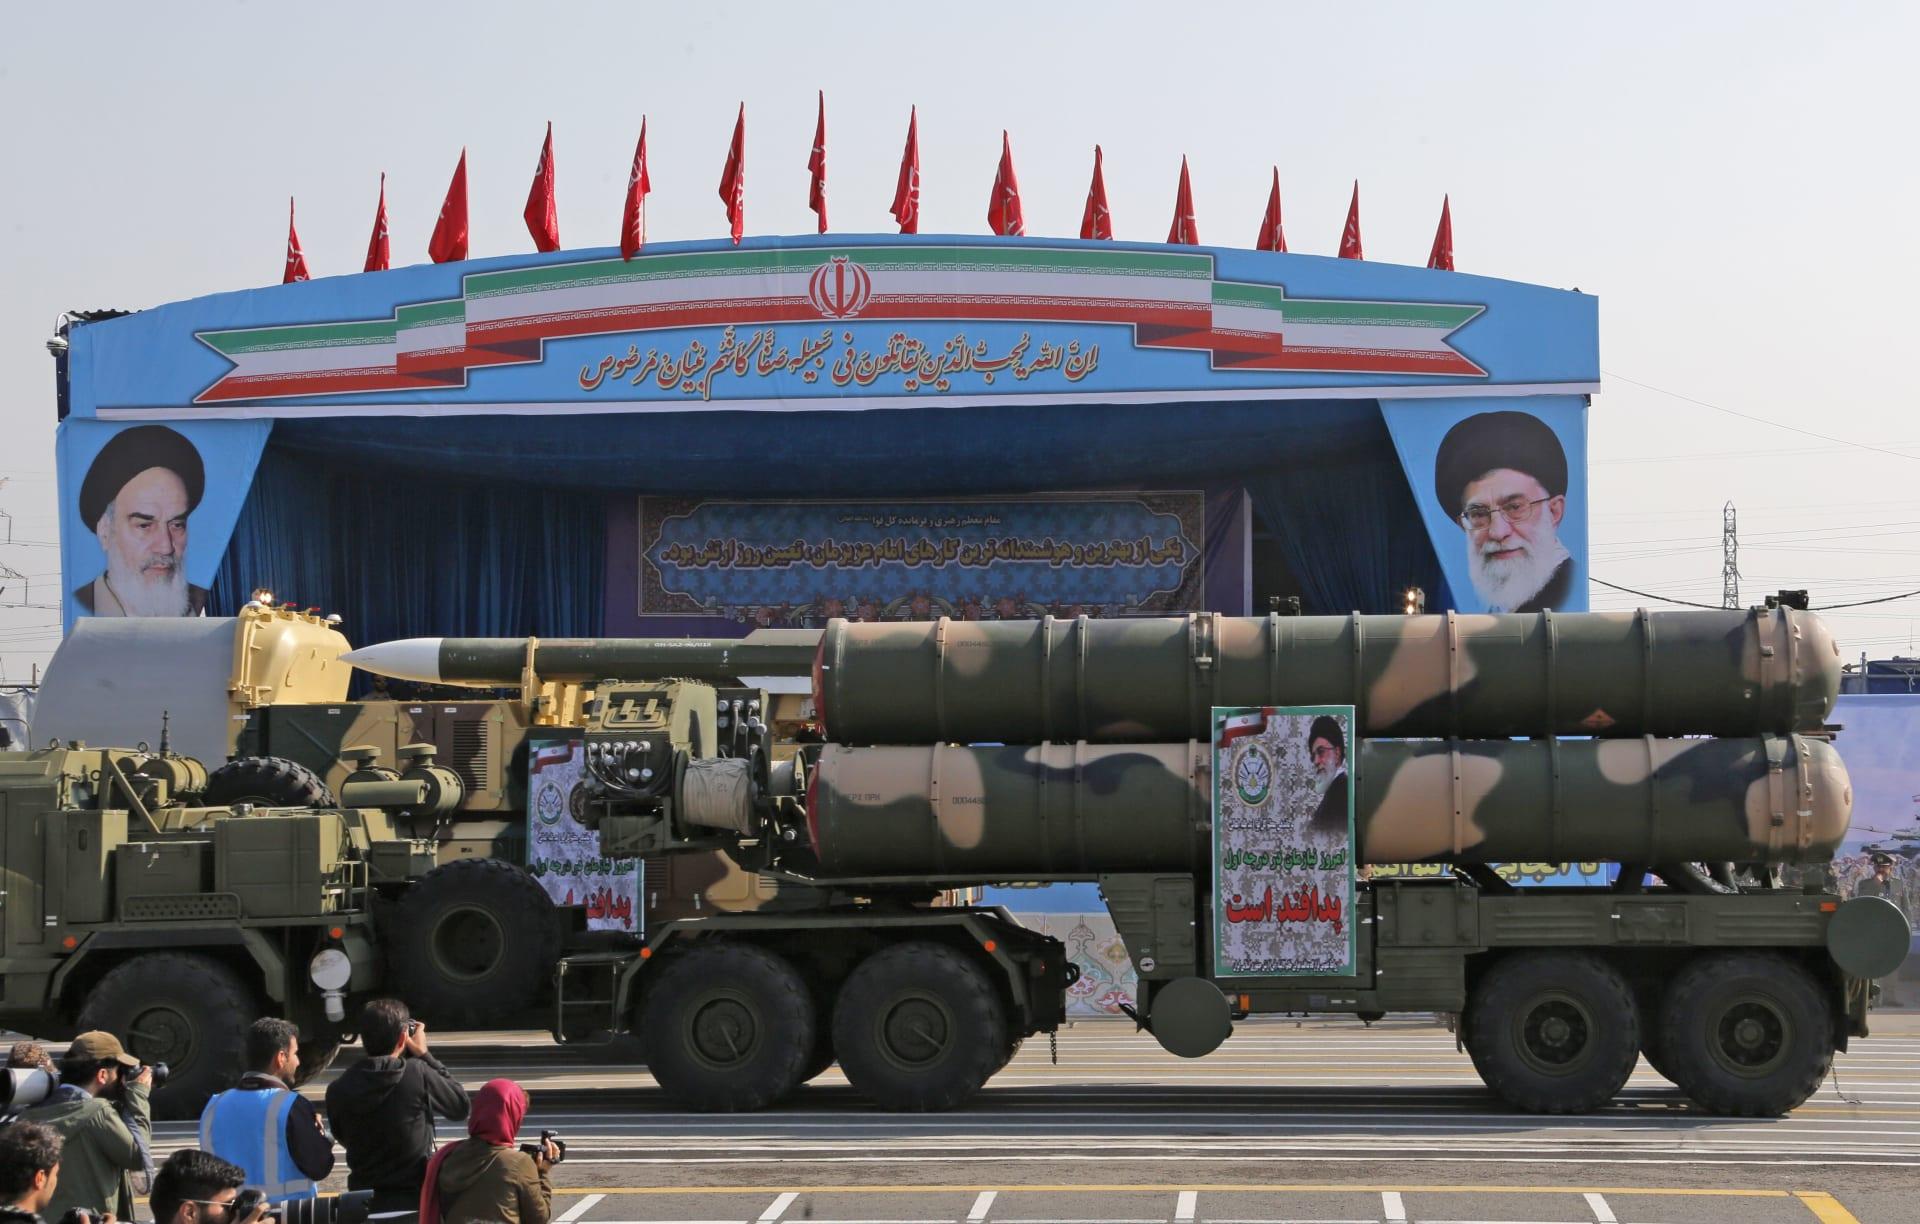 """إيران تحذر """"الأعداء"""": أيادينا على الزناد وصواريخنا جاهزة للإطلاق"""